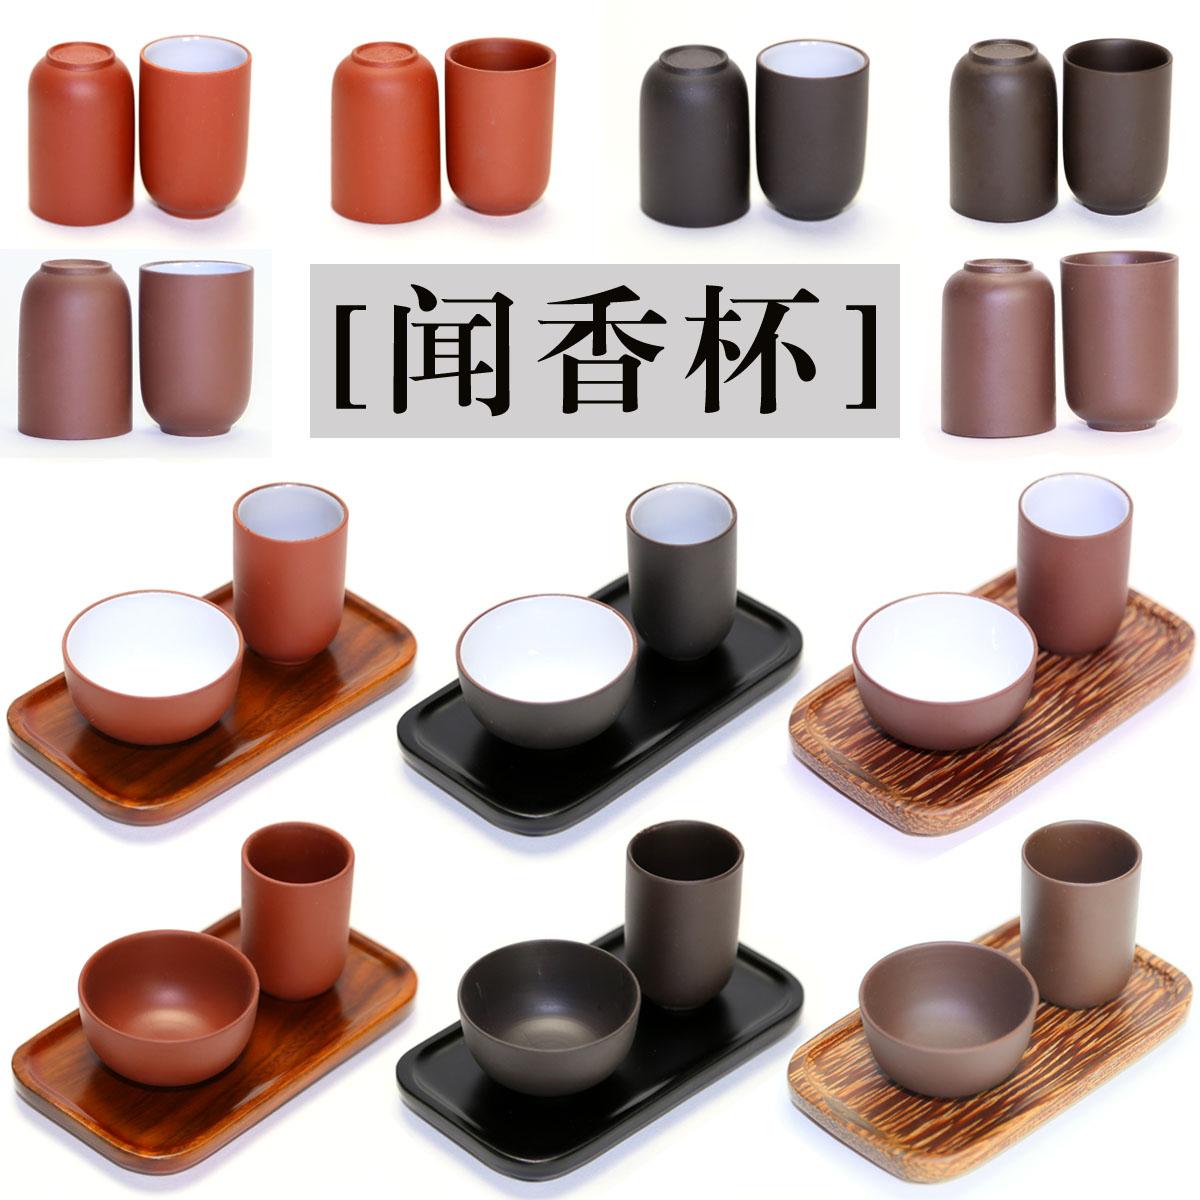 Запах ладан чашка / запах ладан чашка статья чайный куст чашка / фиолетовый запах ладан чашка / запах ладан чашка керамика / запах ладан кубок костюм / фиолетовый чашка